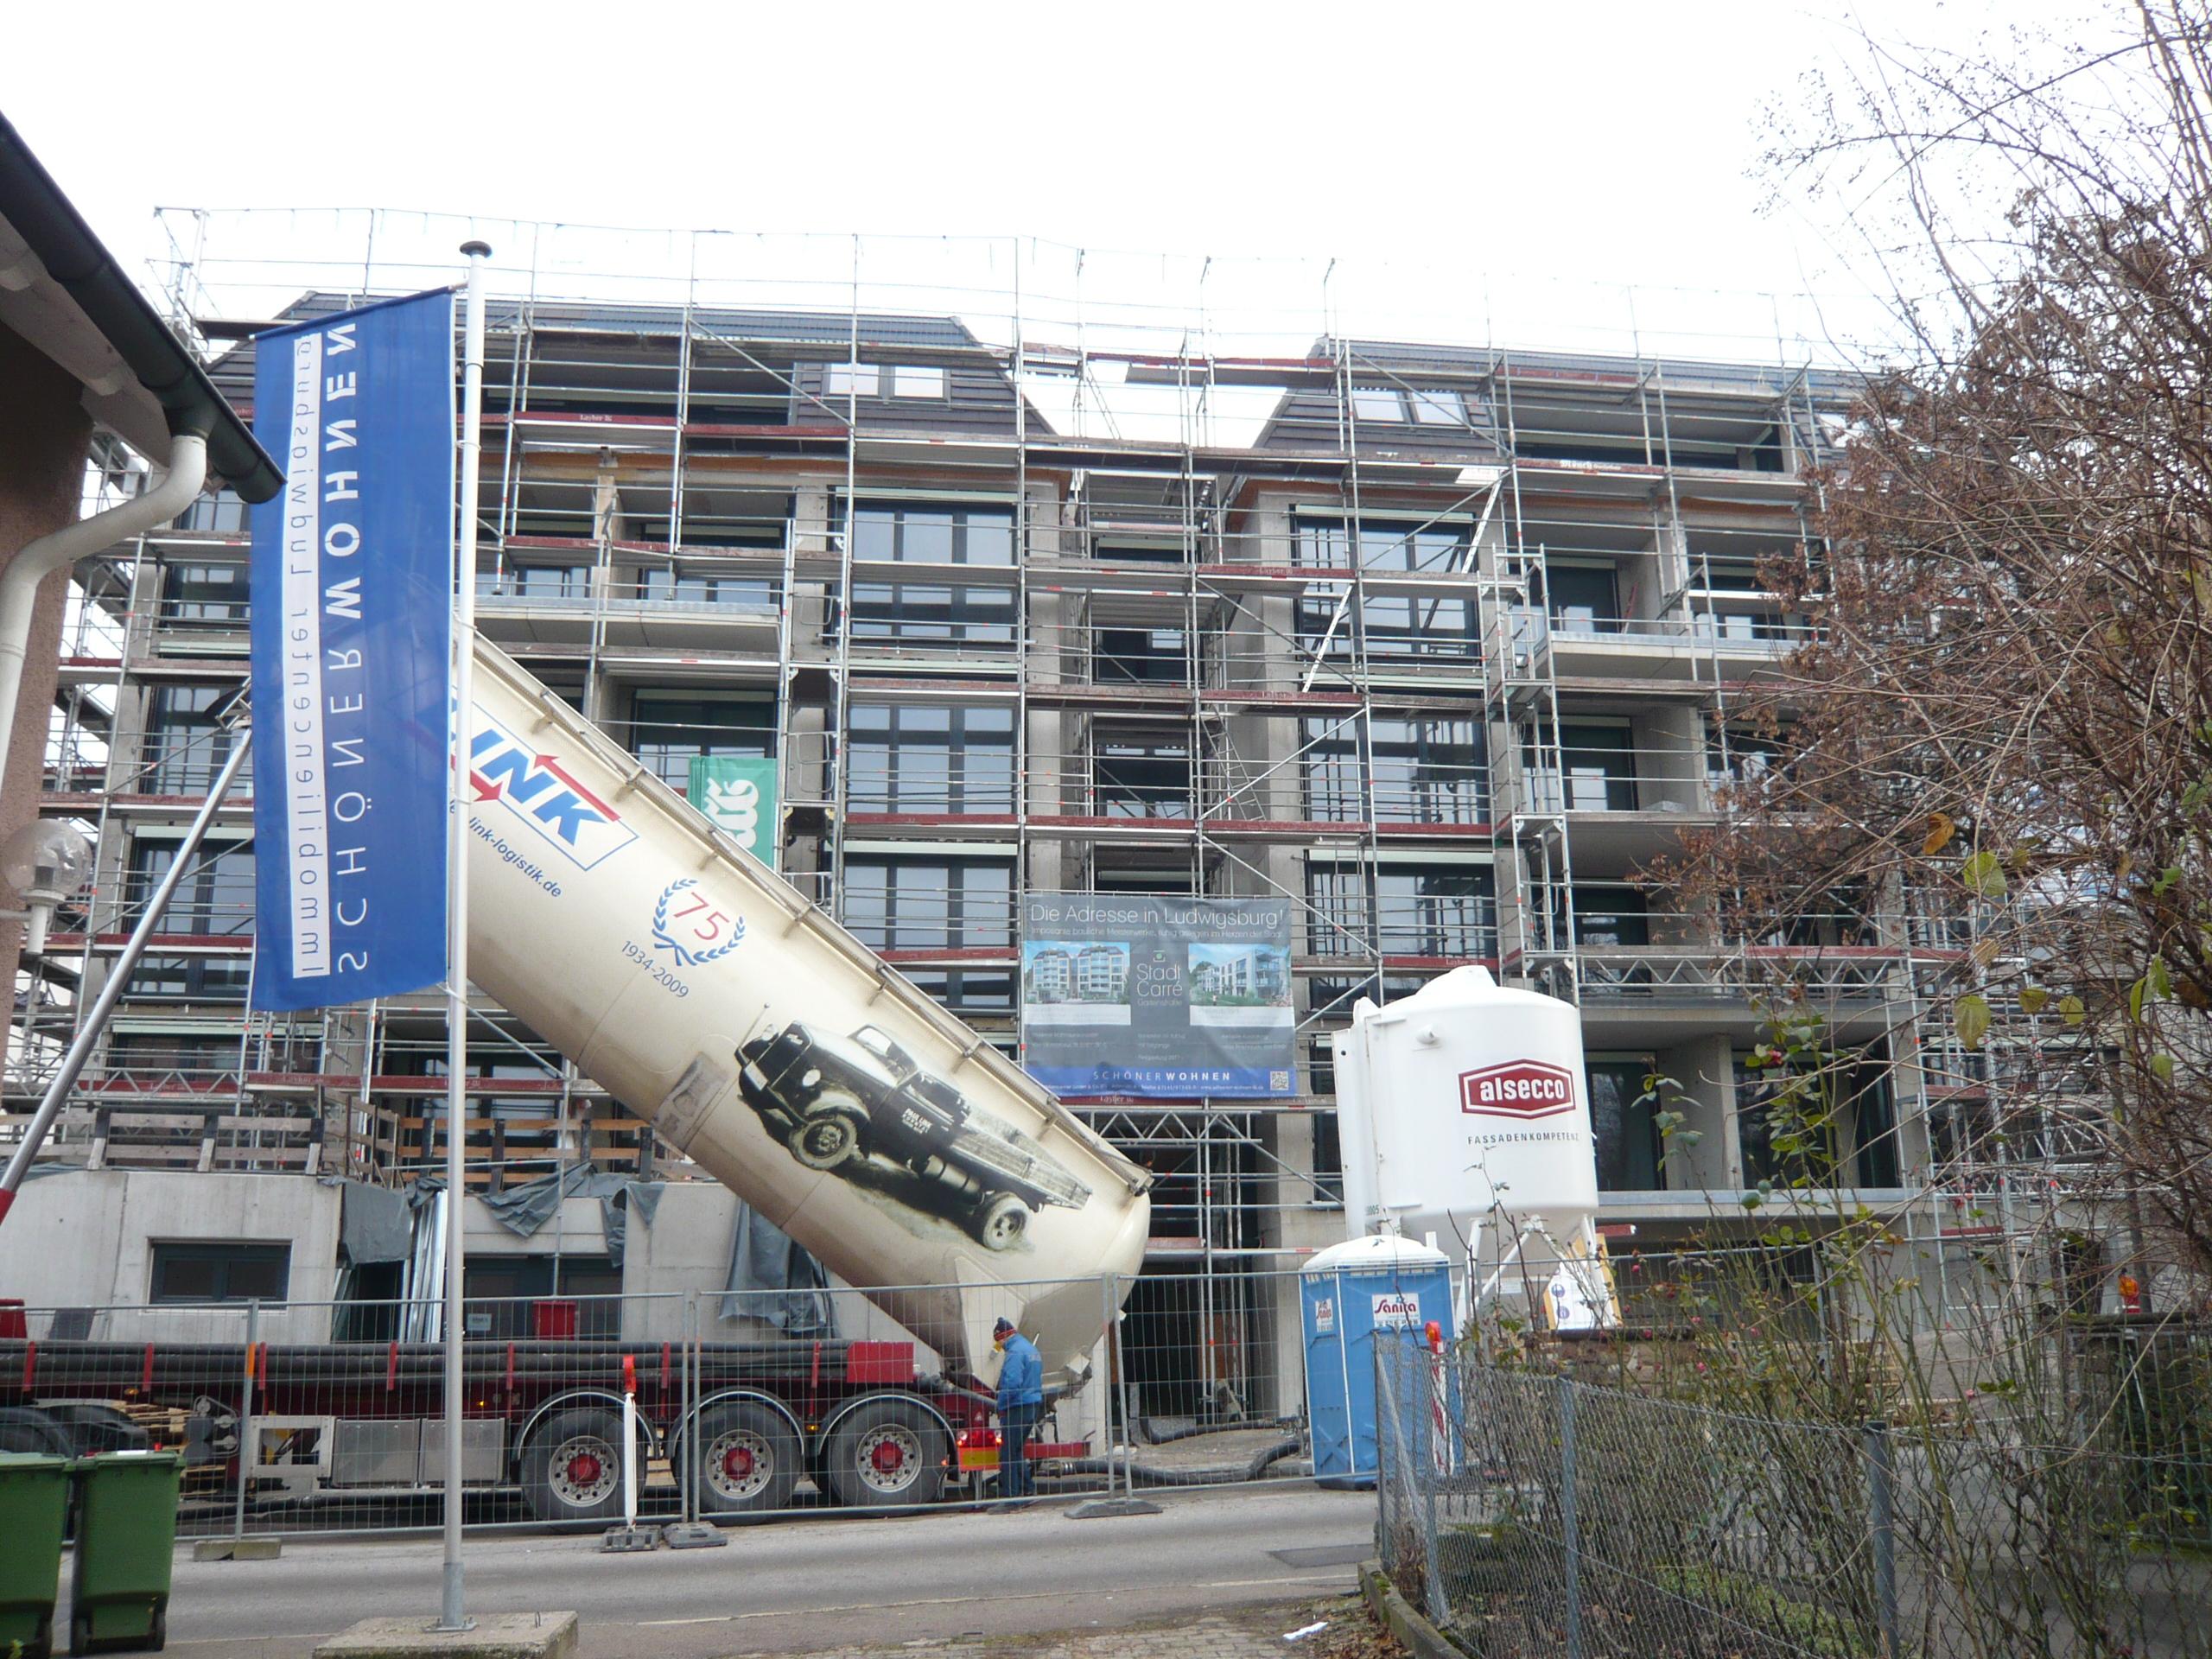 Referenz Stadt Carré In Ludwigsburg Schöner Wohnen Immobilien